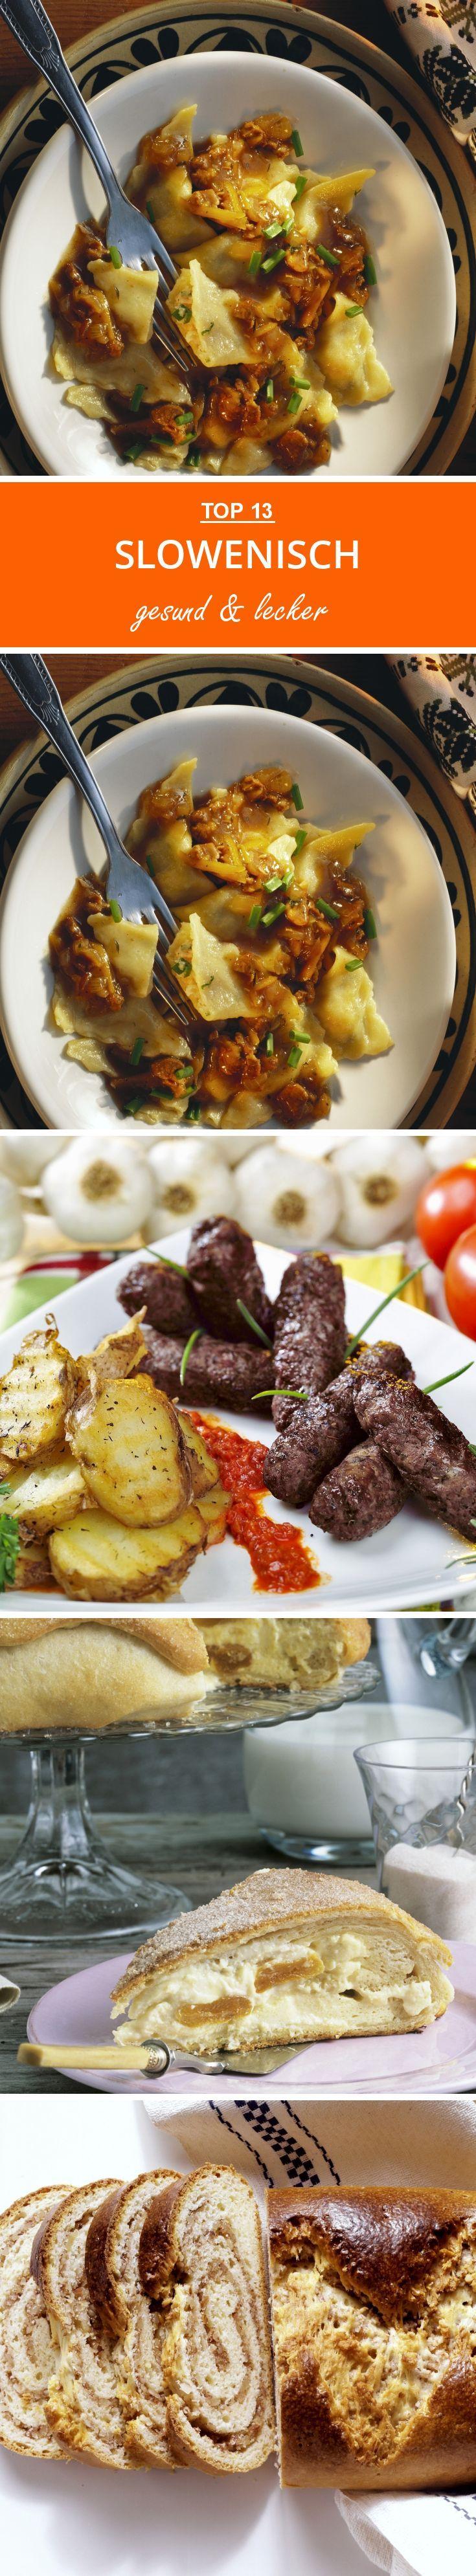 Slowenisch | eatsmarter.de